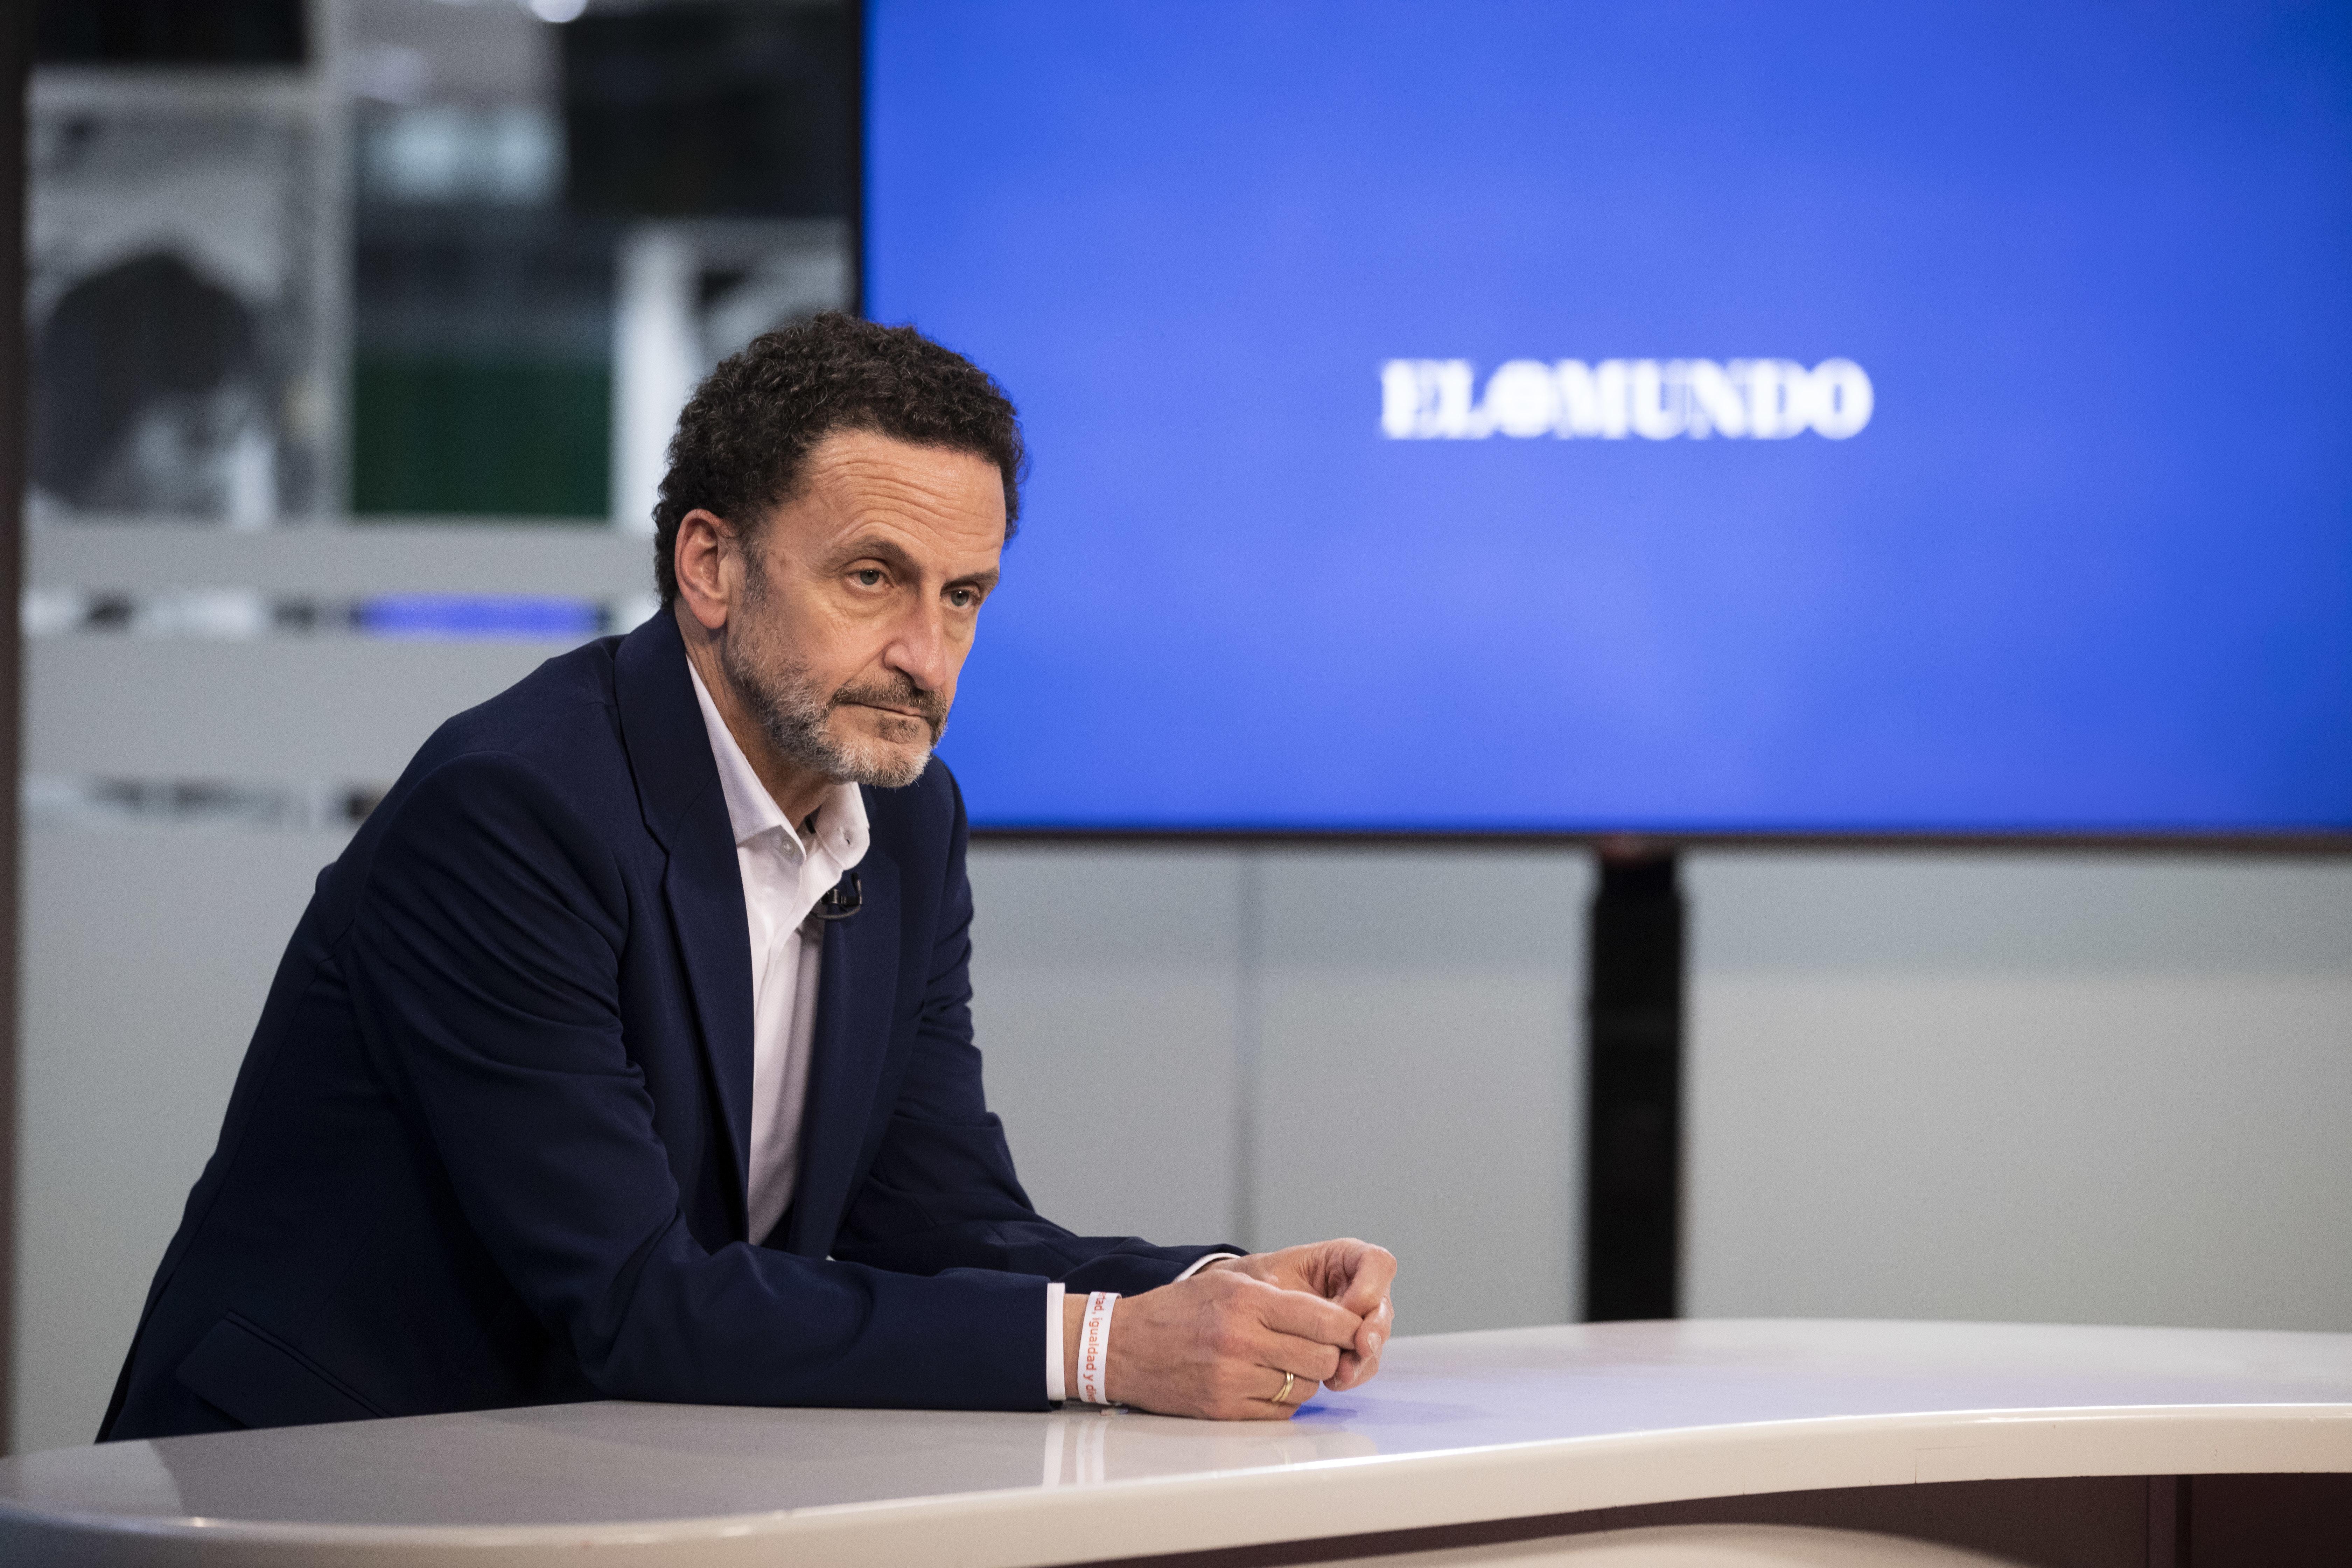 El candidato de Cs, Edmundo Bal.